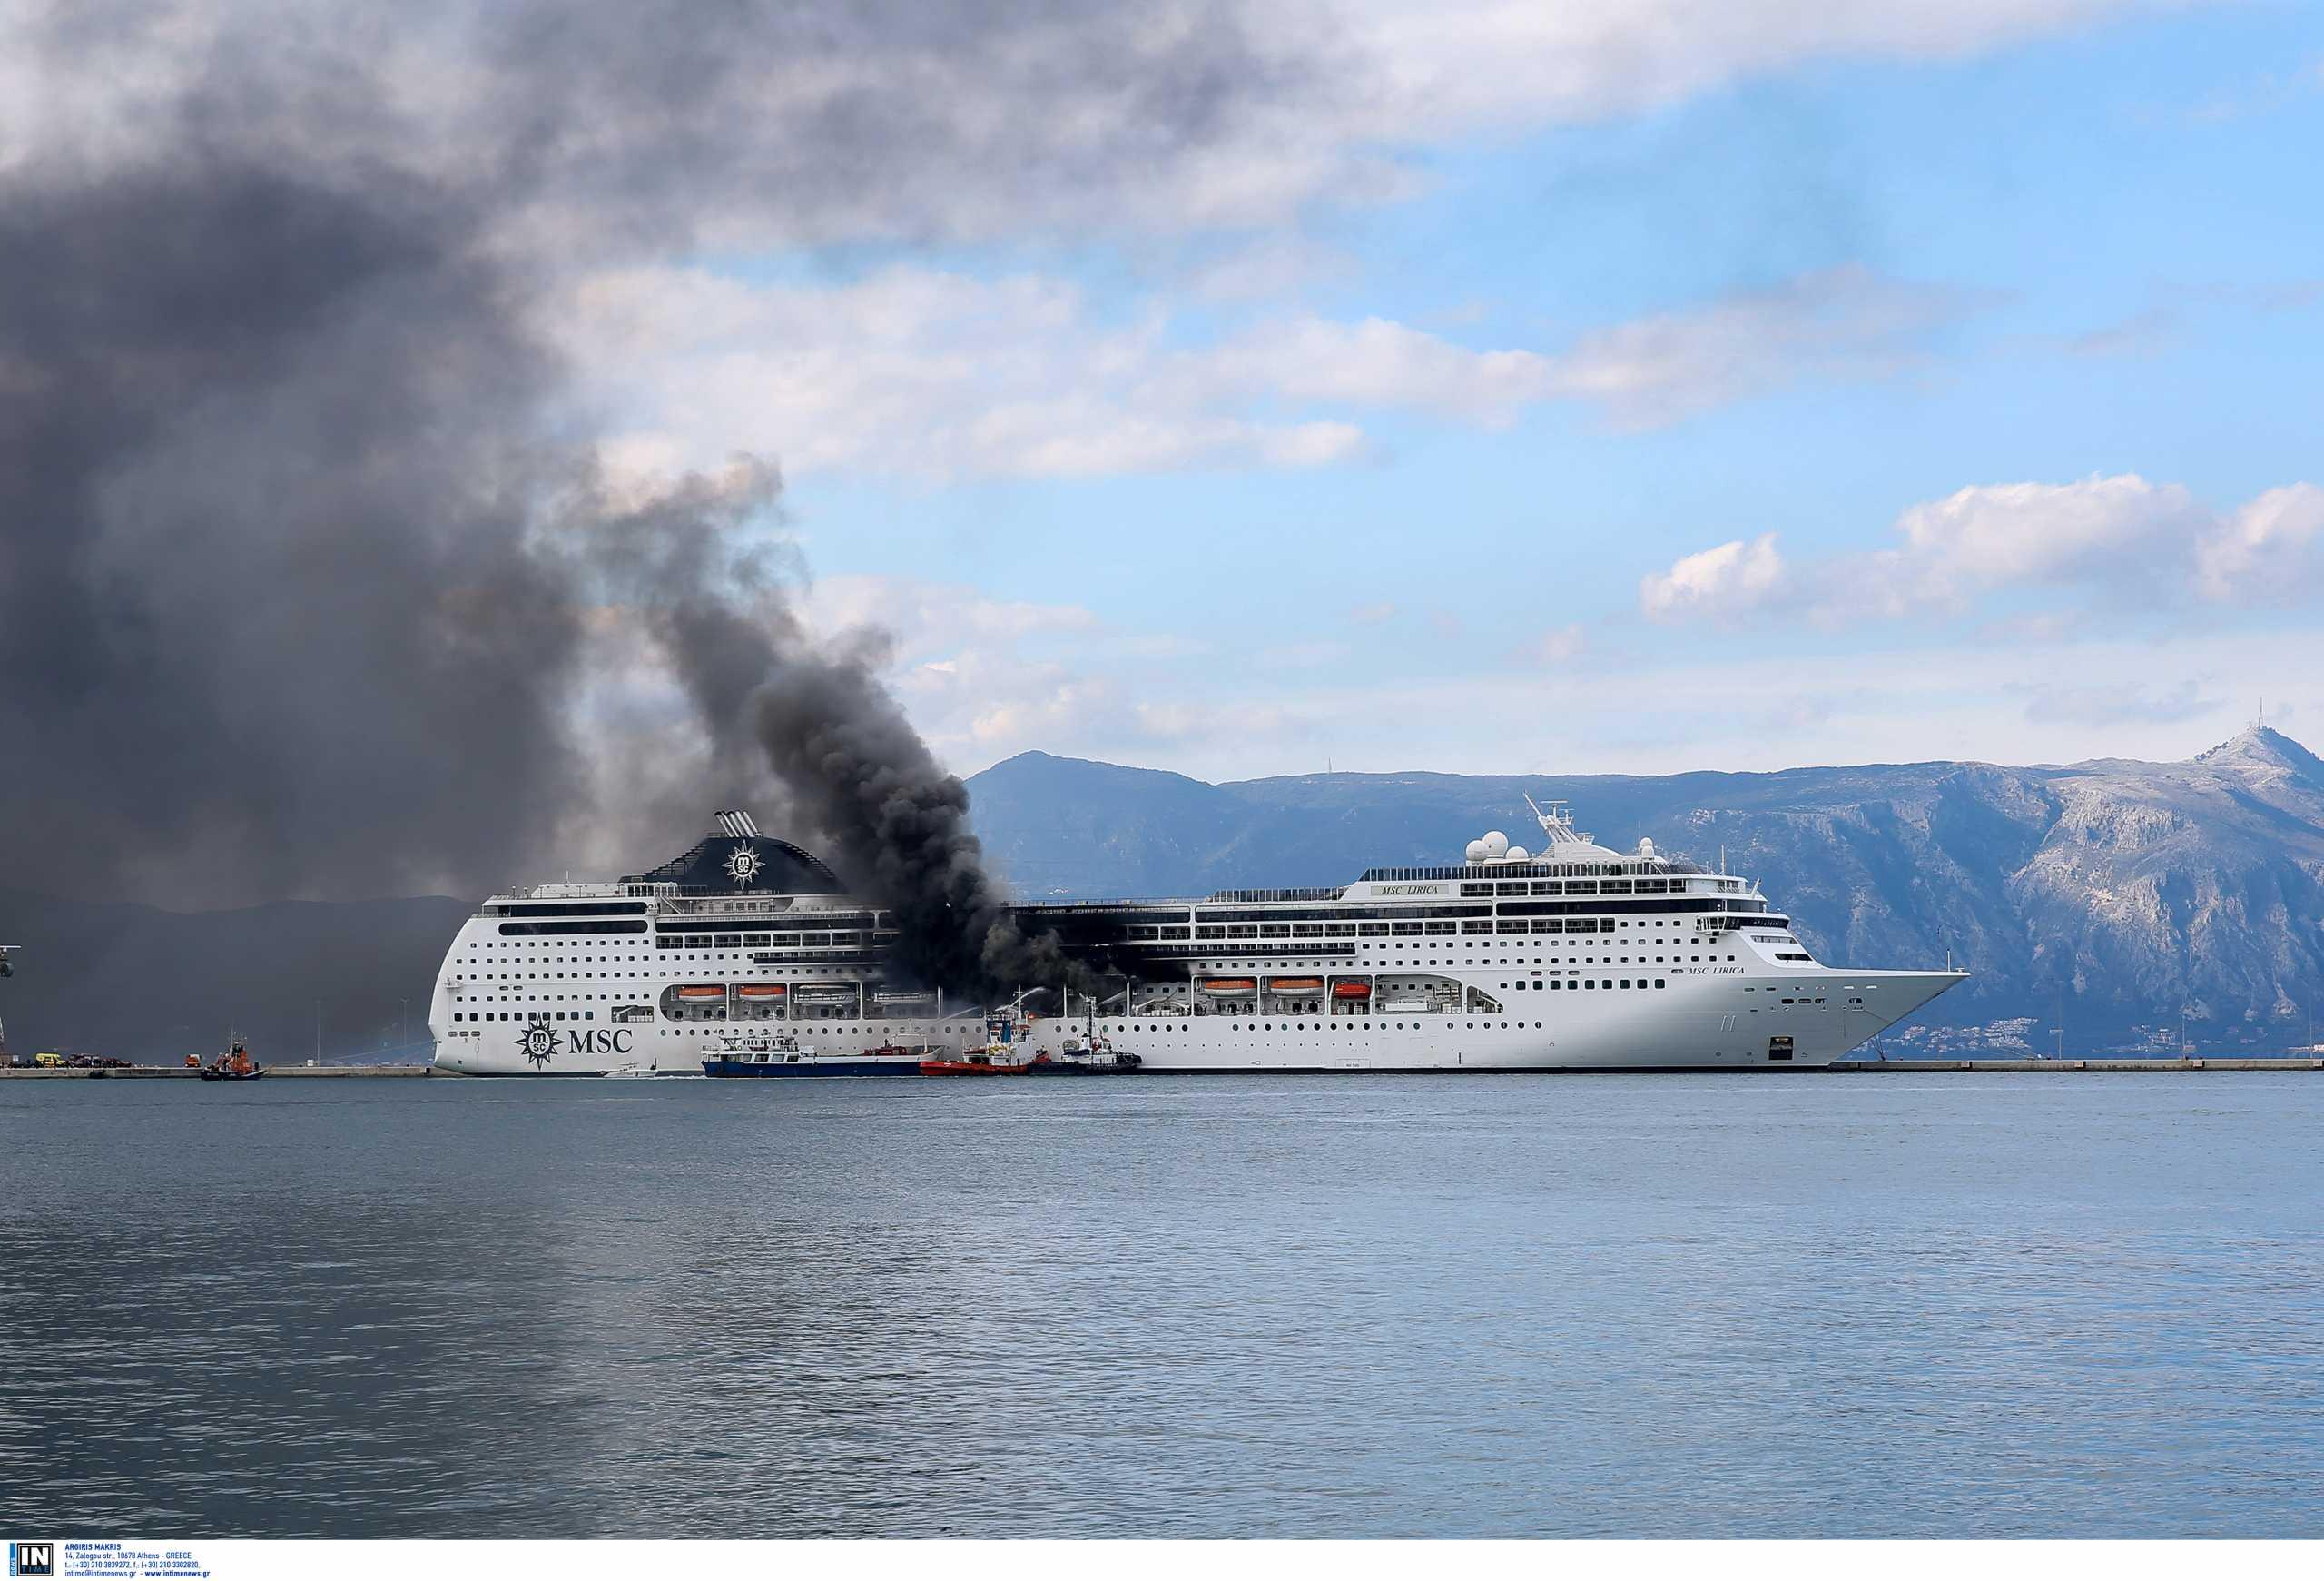 Κέρκυρα: Υπό μερικό έλεγχο η φωτιά στο κρουαζιερόπλοιο – Φόβος για κρυφές εστίες